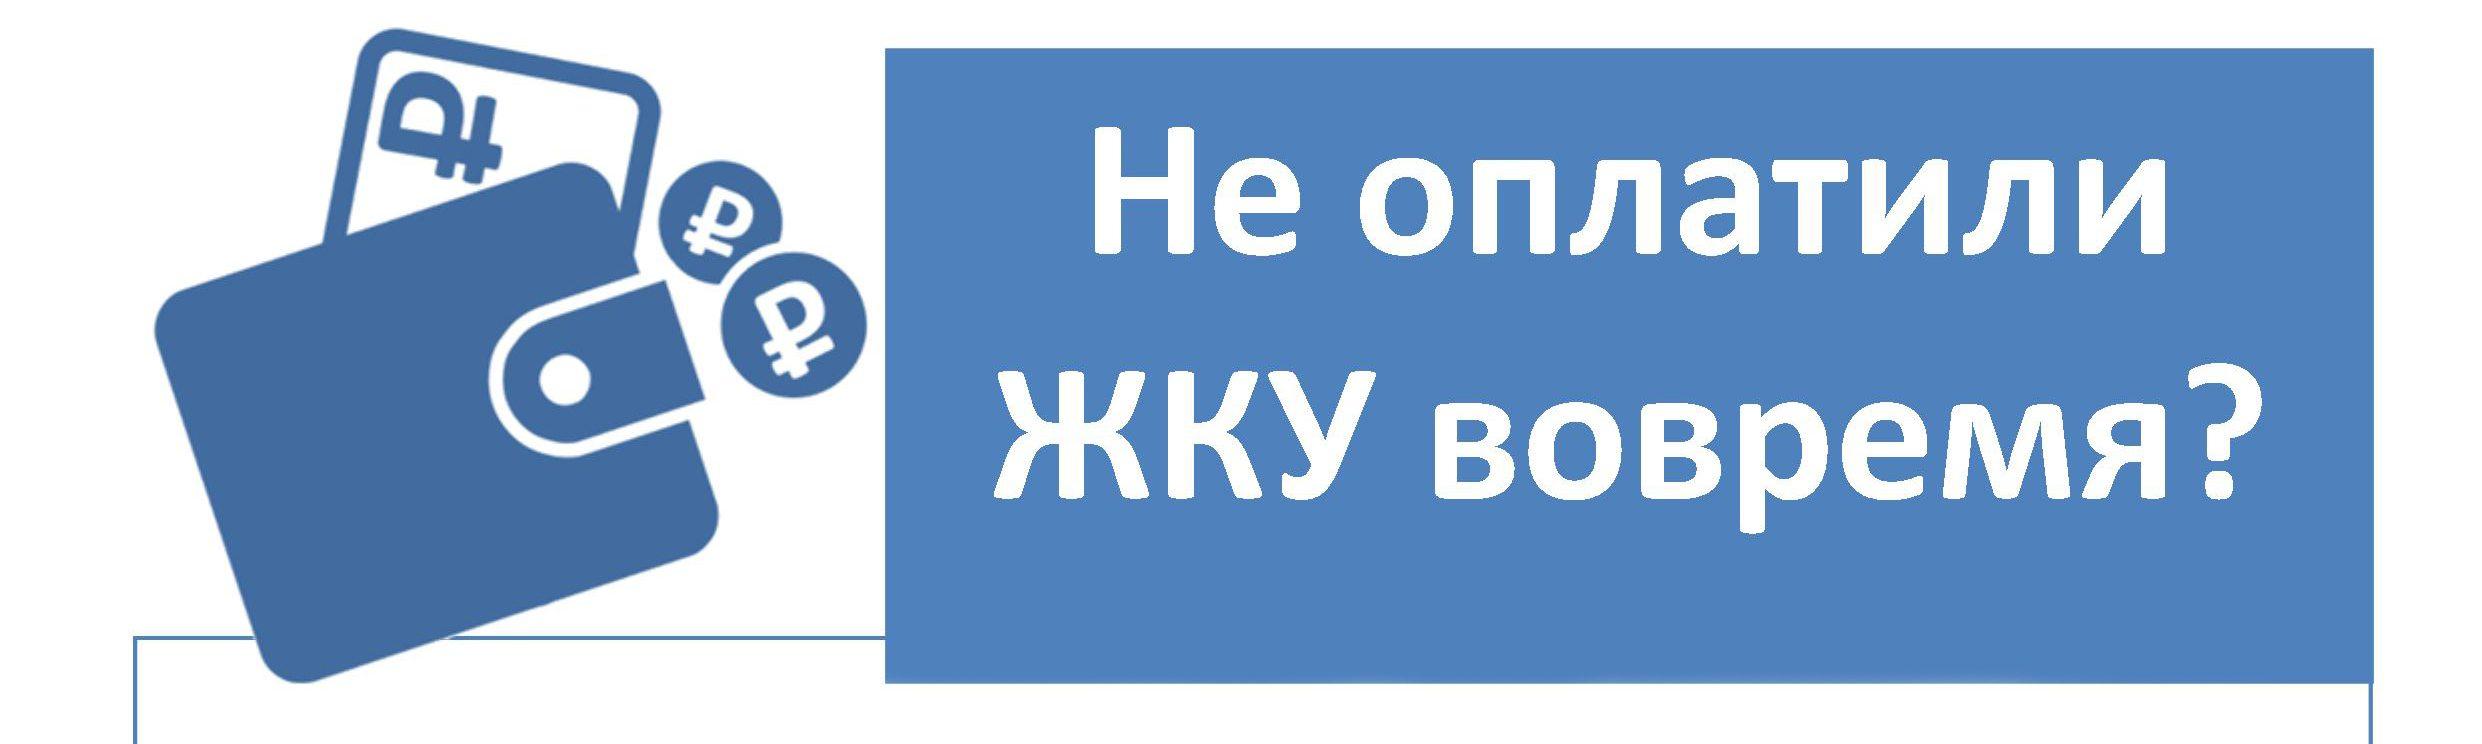 Приложение №2 к факсограмме №д-11-285